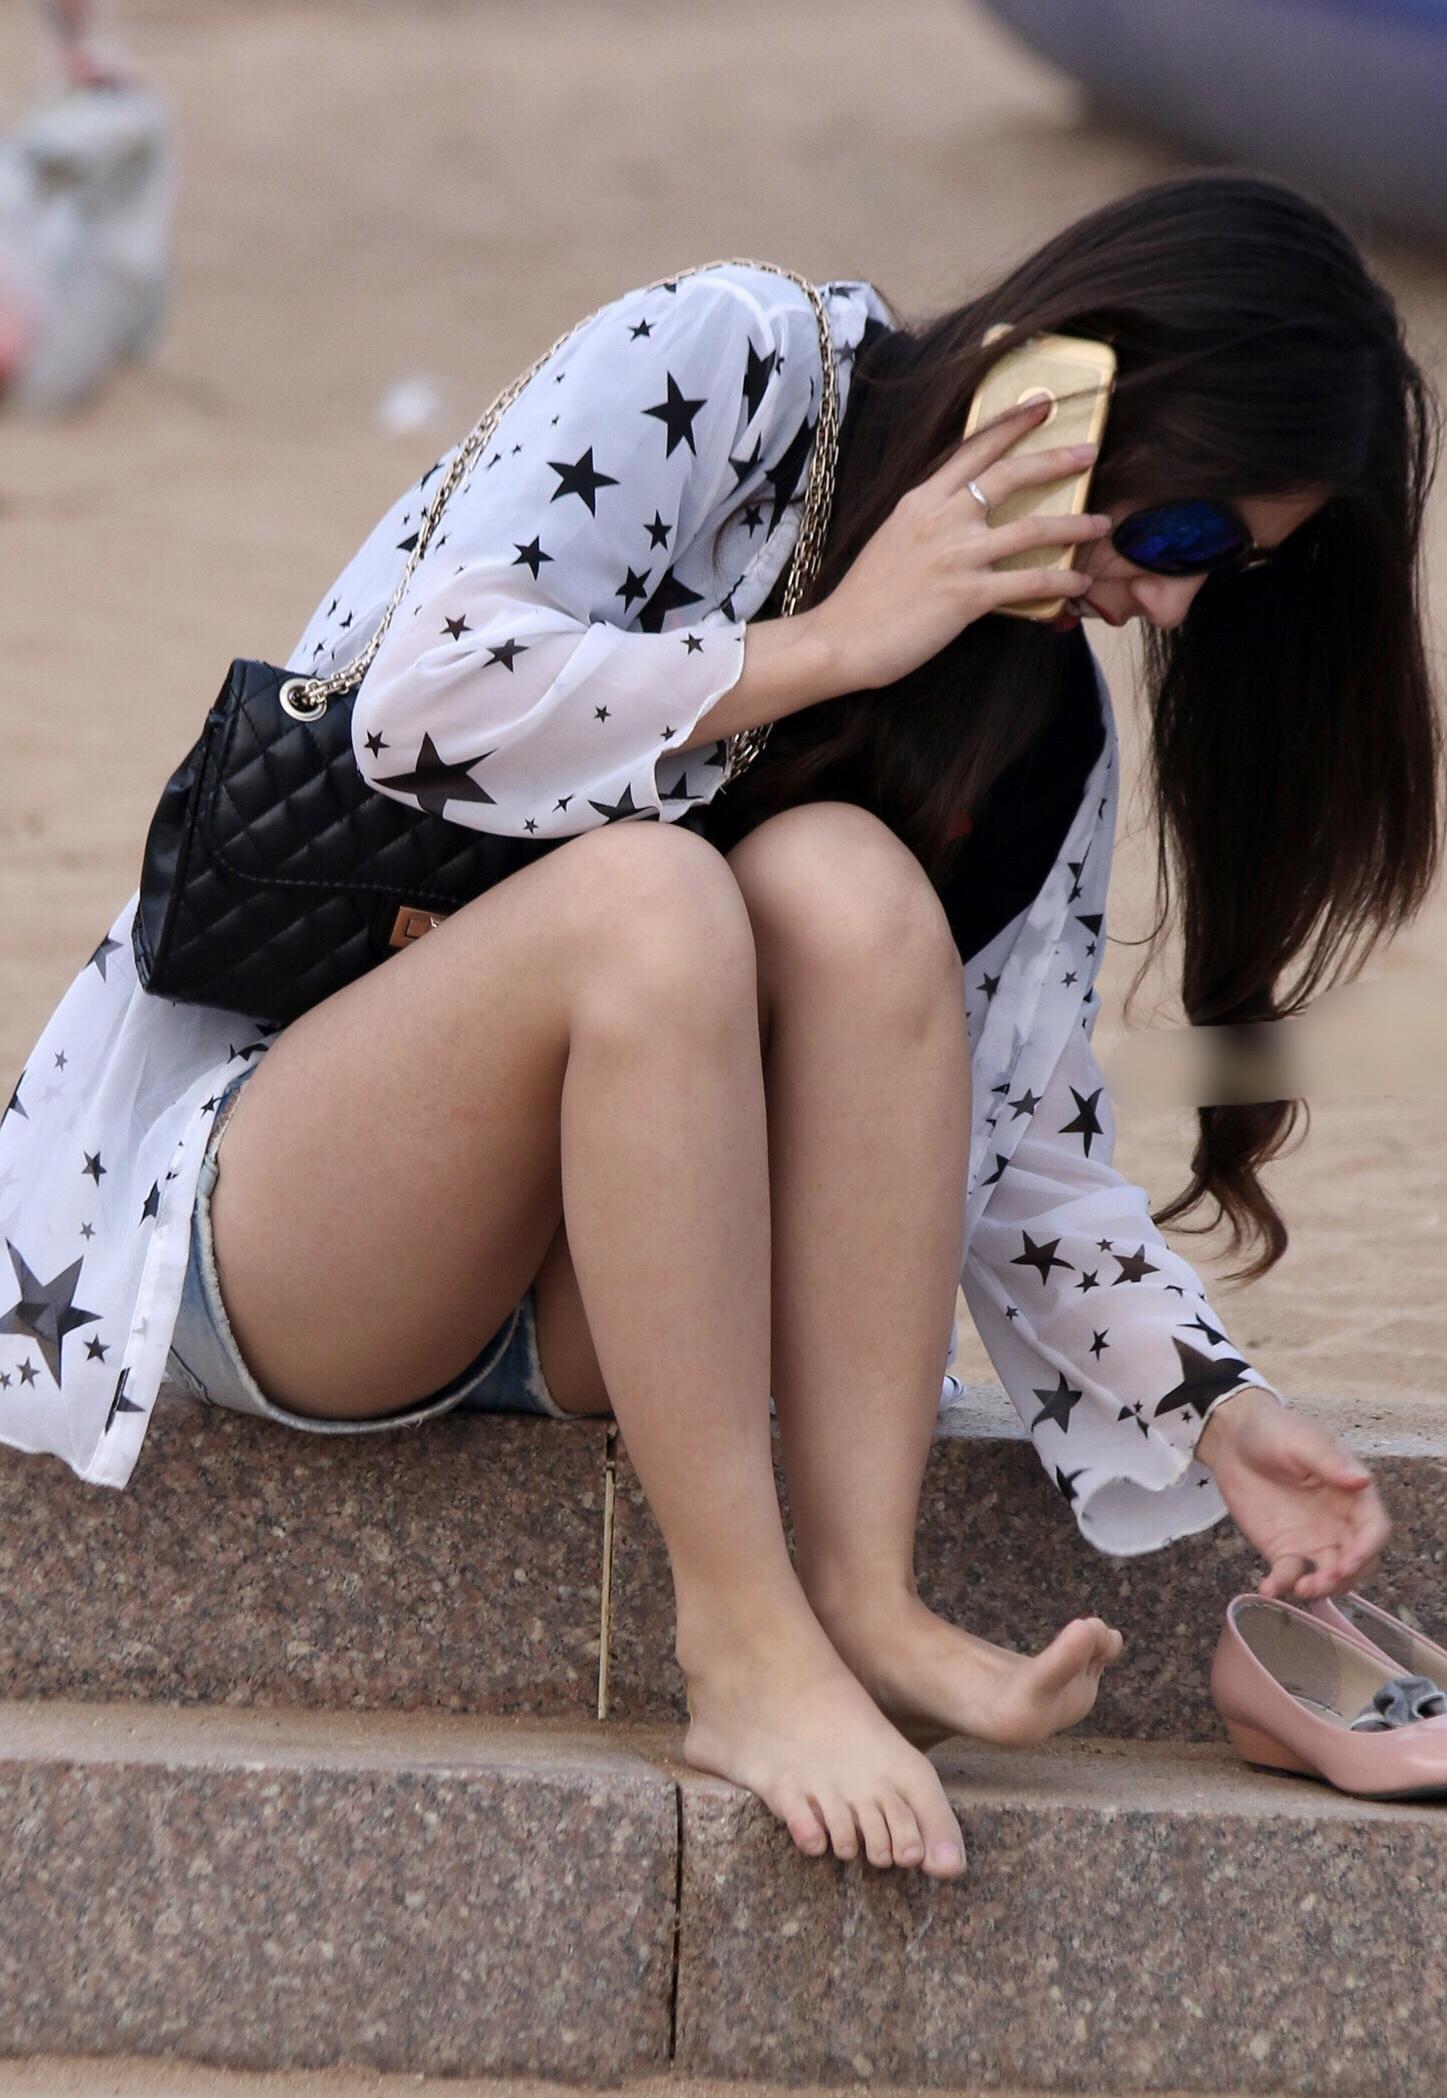 お尻や太ももがエッチなショートパンツ女子を街撮りした素人エロ画像-023